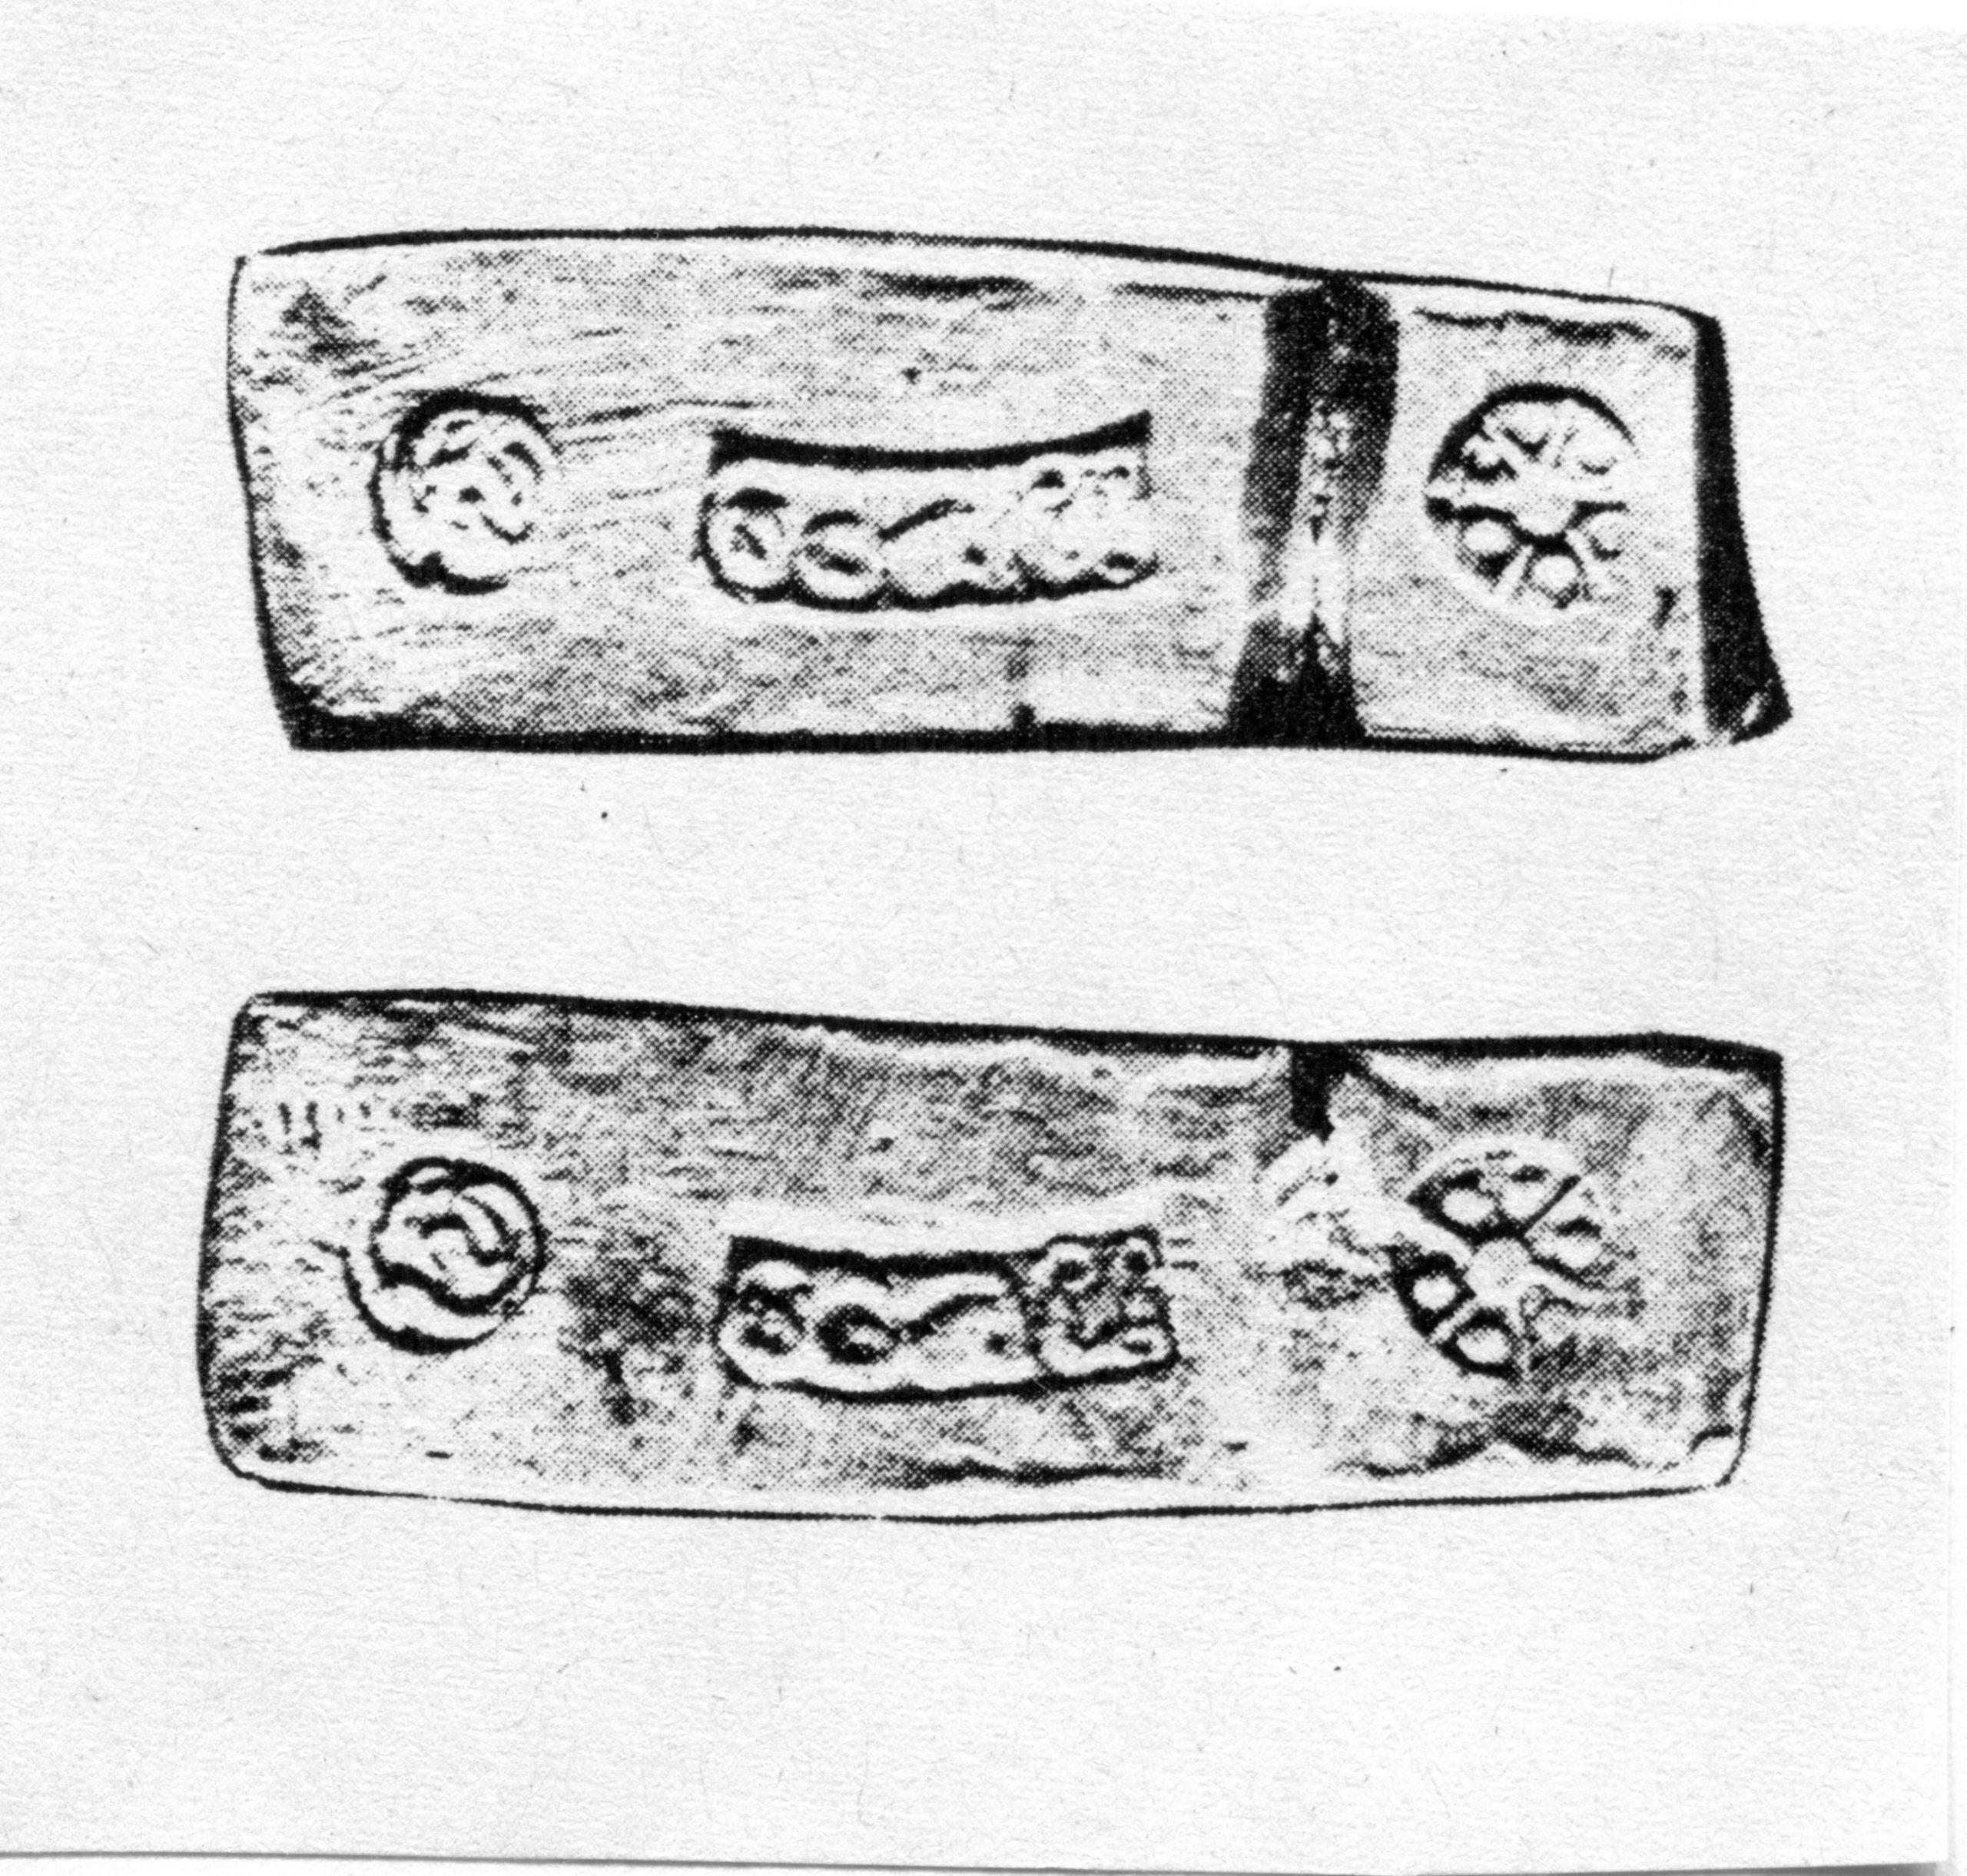 PGS 41,2 (2020) Tafel 29 Abb. 5: Gehämmerter Saen Silberbarren. 3 baht, 45,9 g. (Aus Mitchiner 1979:354).